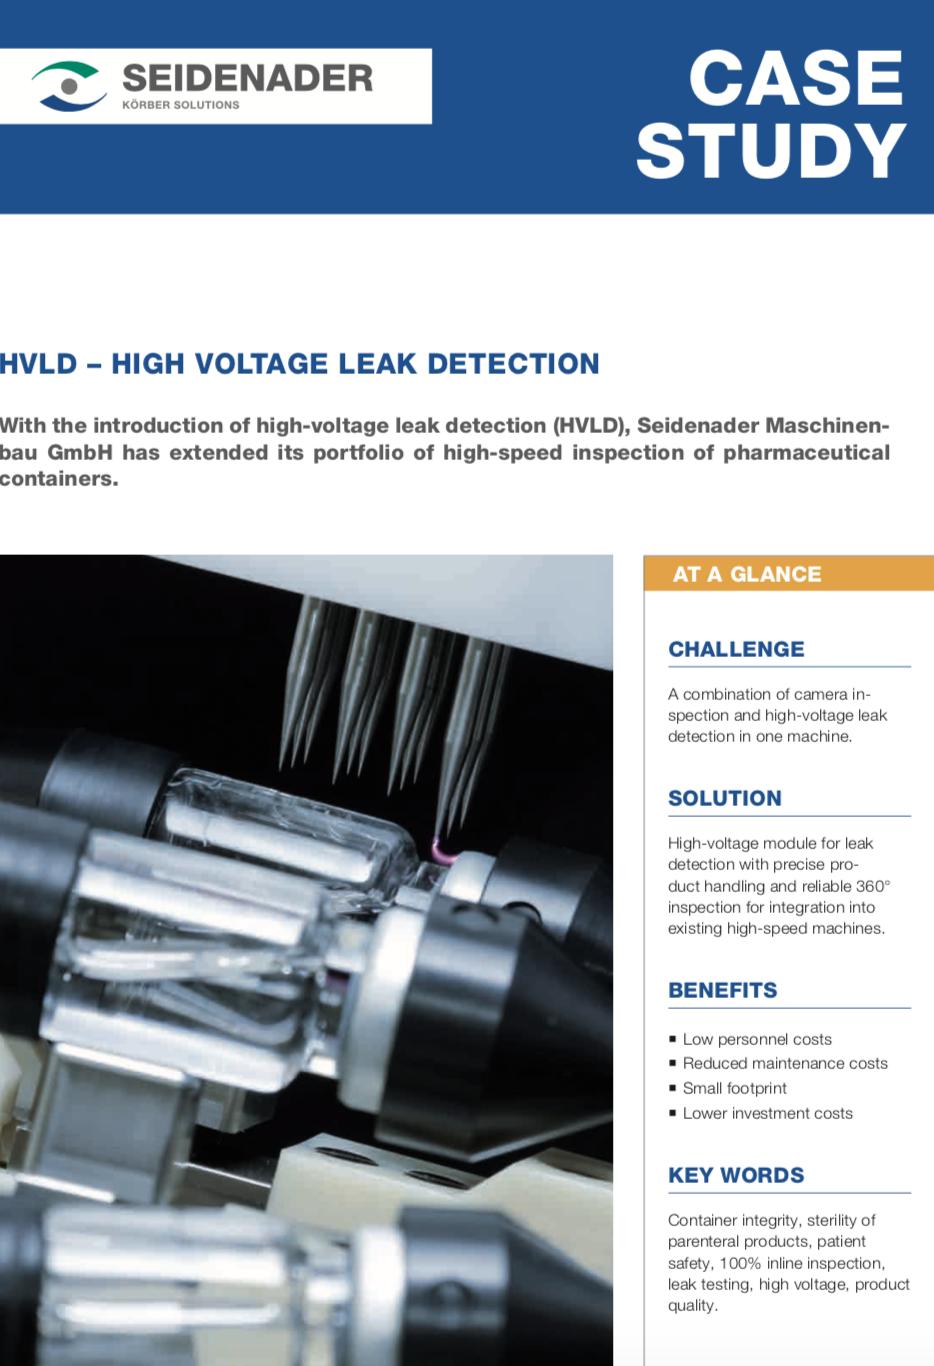 Seidenader High Voltage Leak Detection Case Study